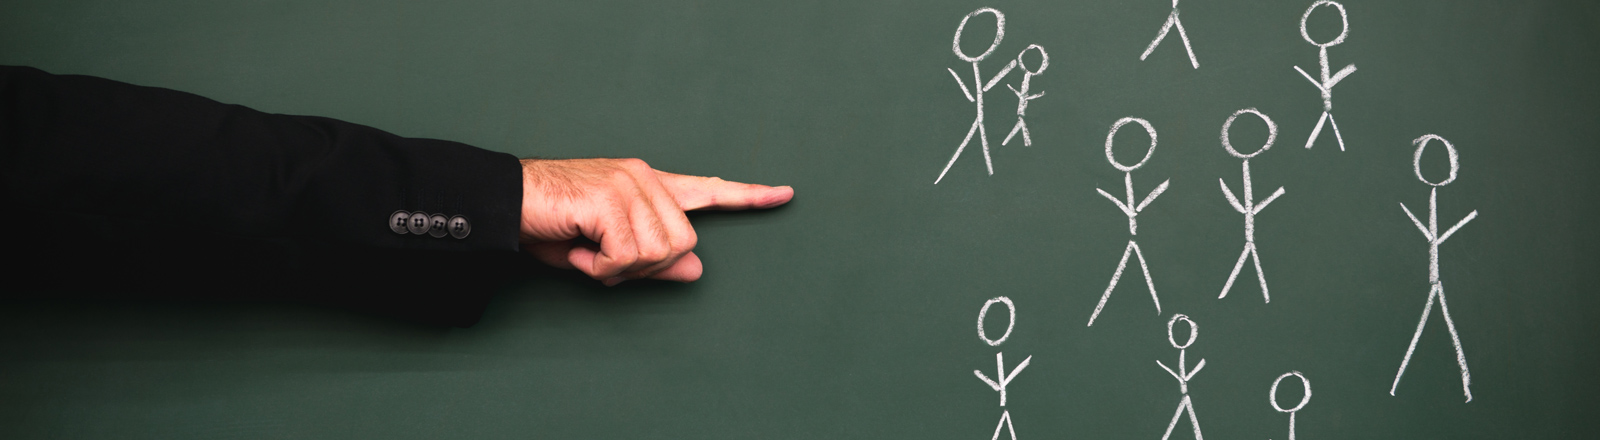 Finger zeigt auf Strichmännchengruppe auf Tafel.